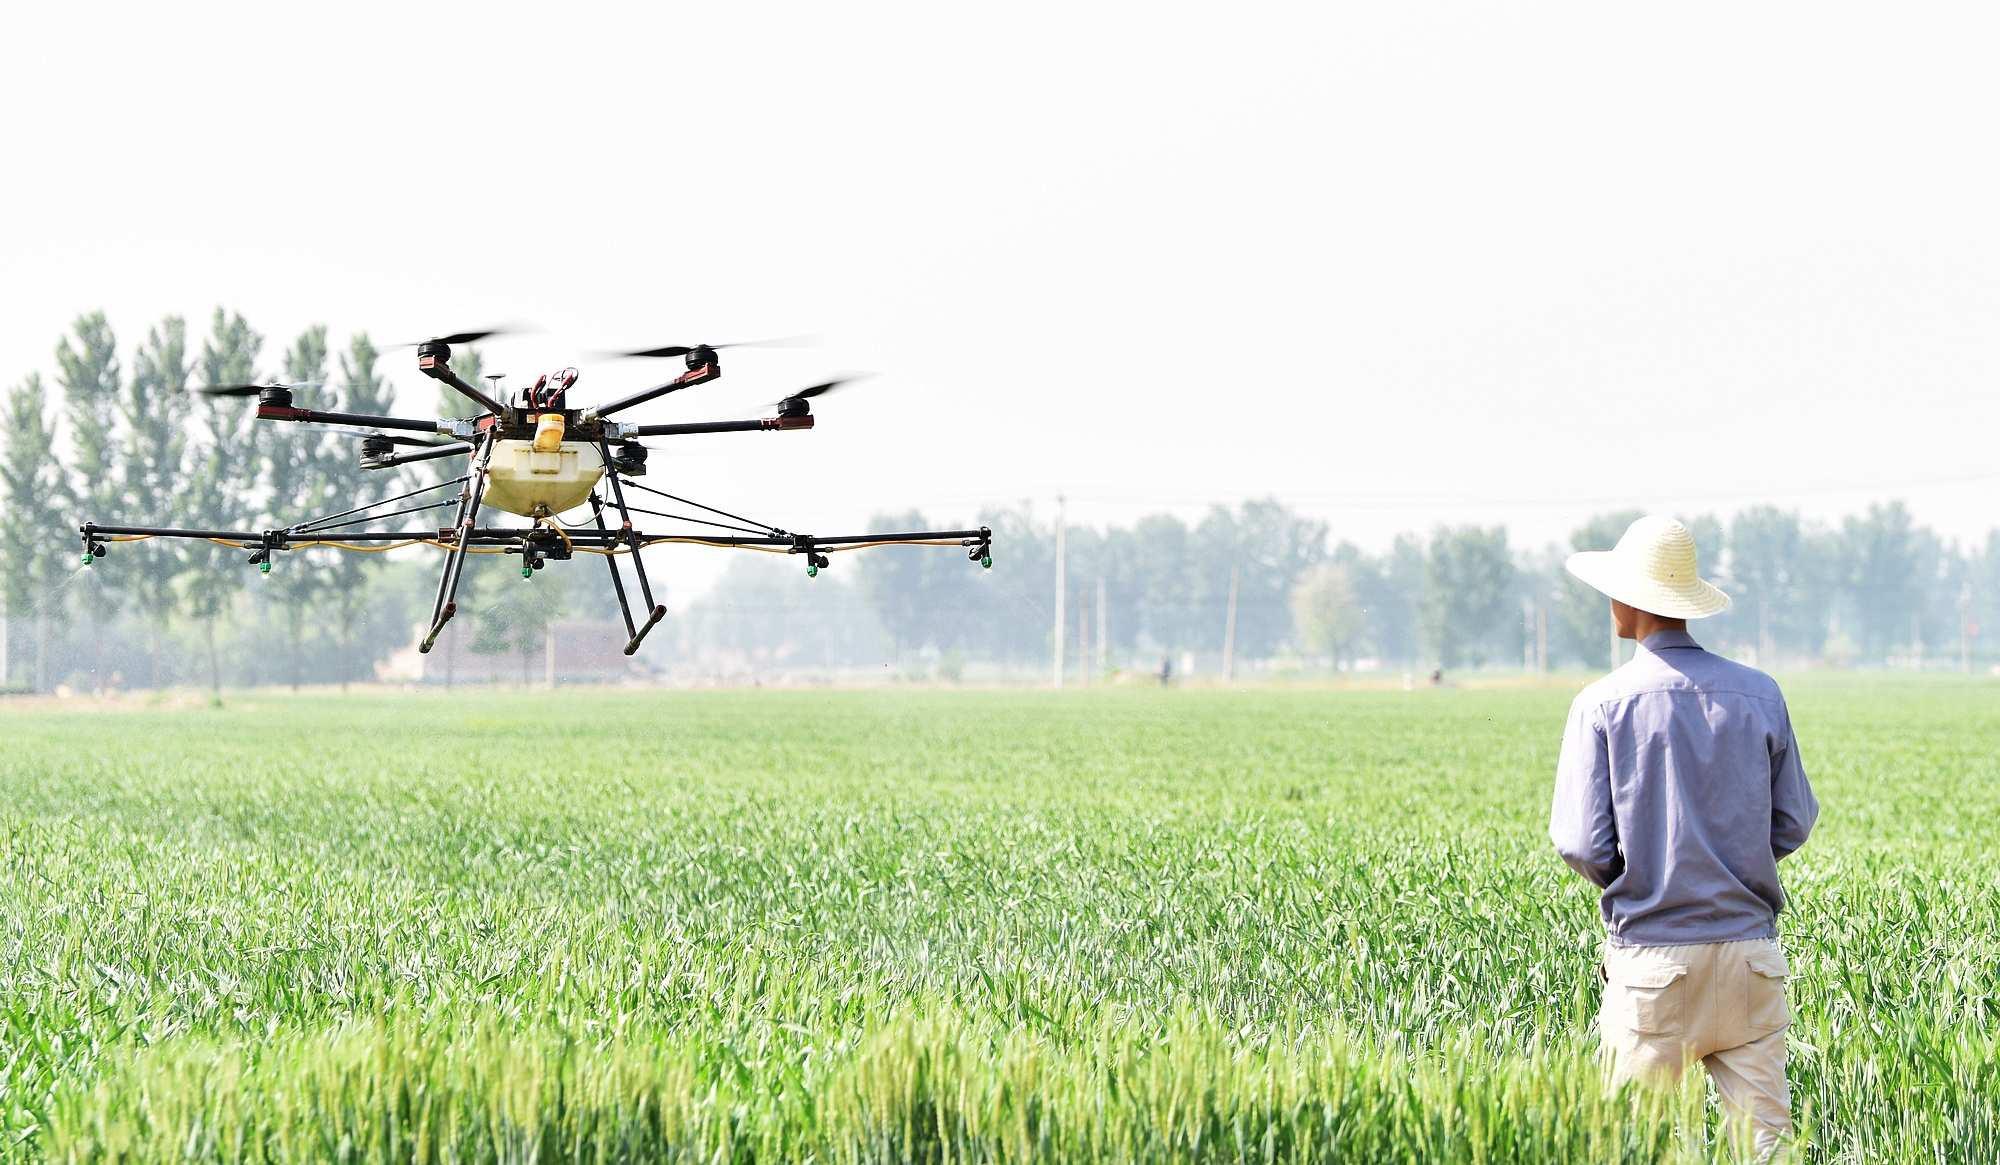 只聞機械聲不見種田人——在定州國家現代農業示范區